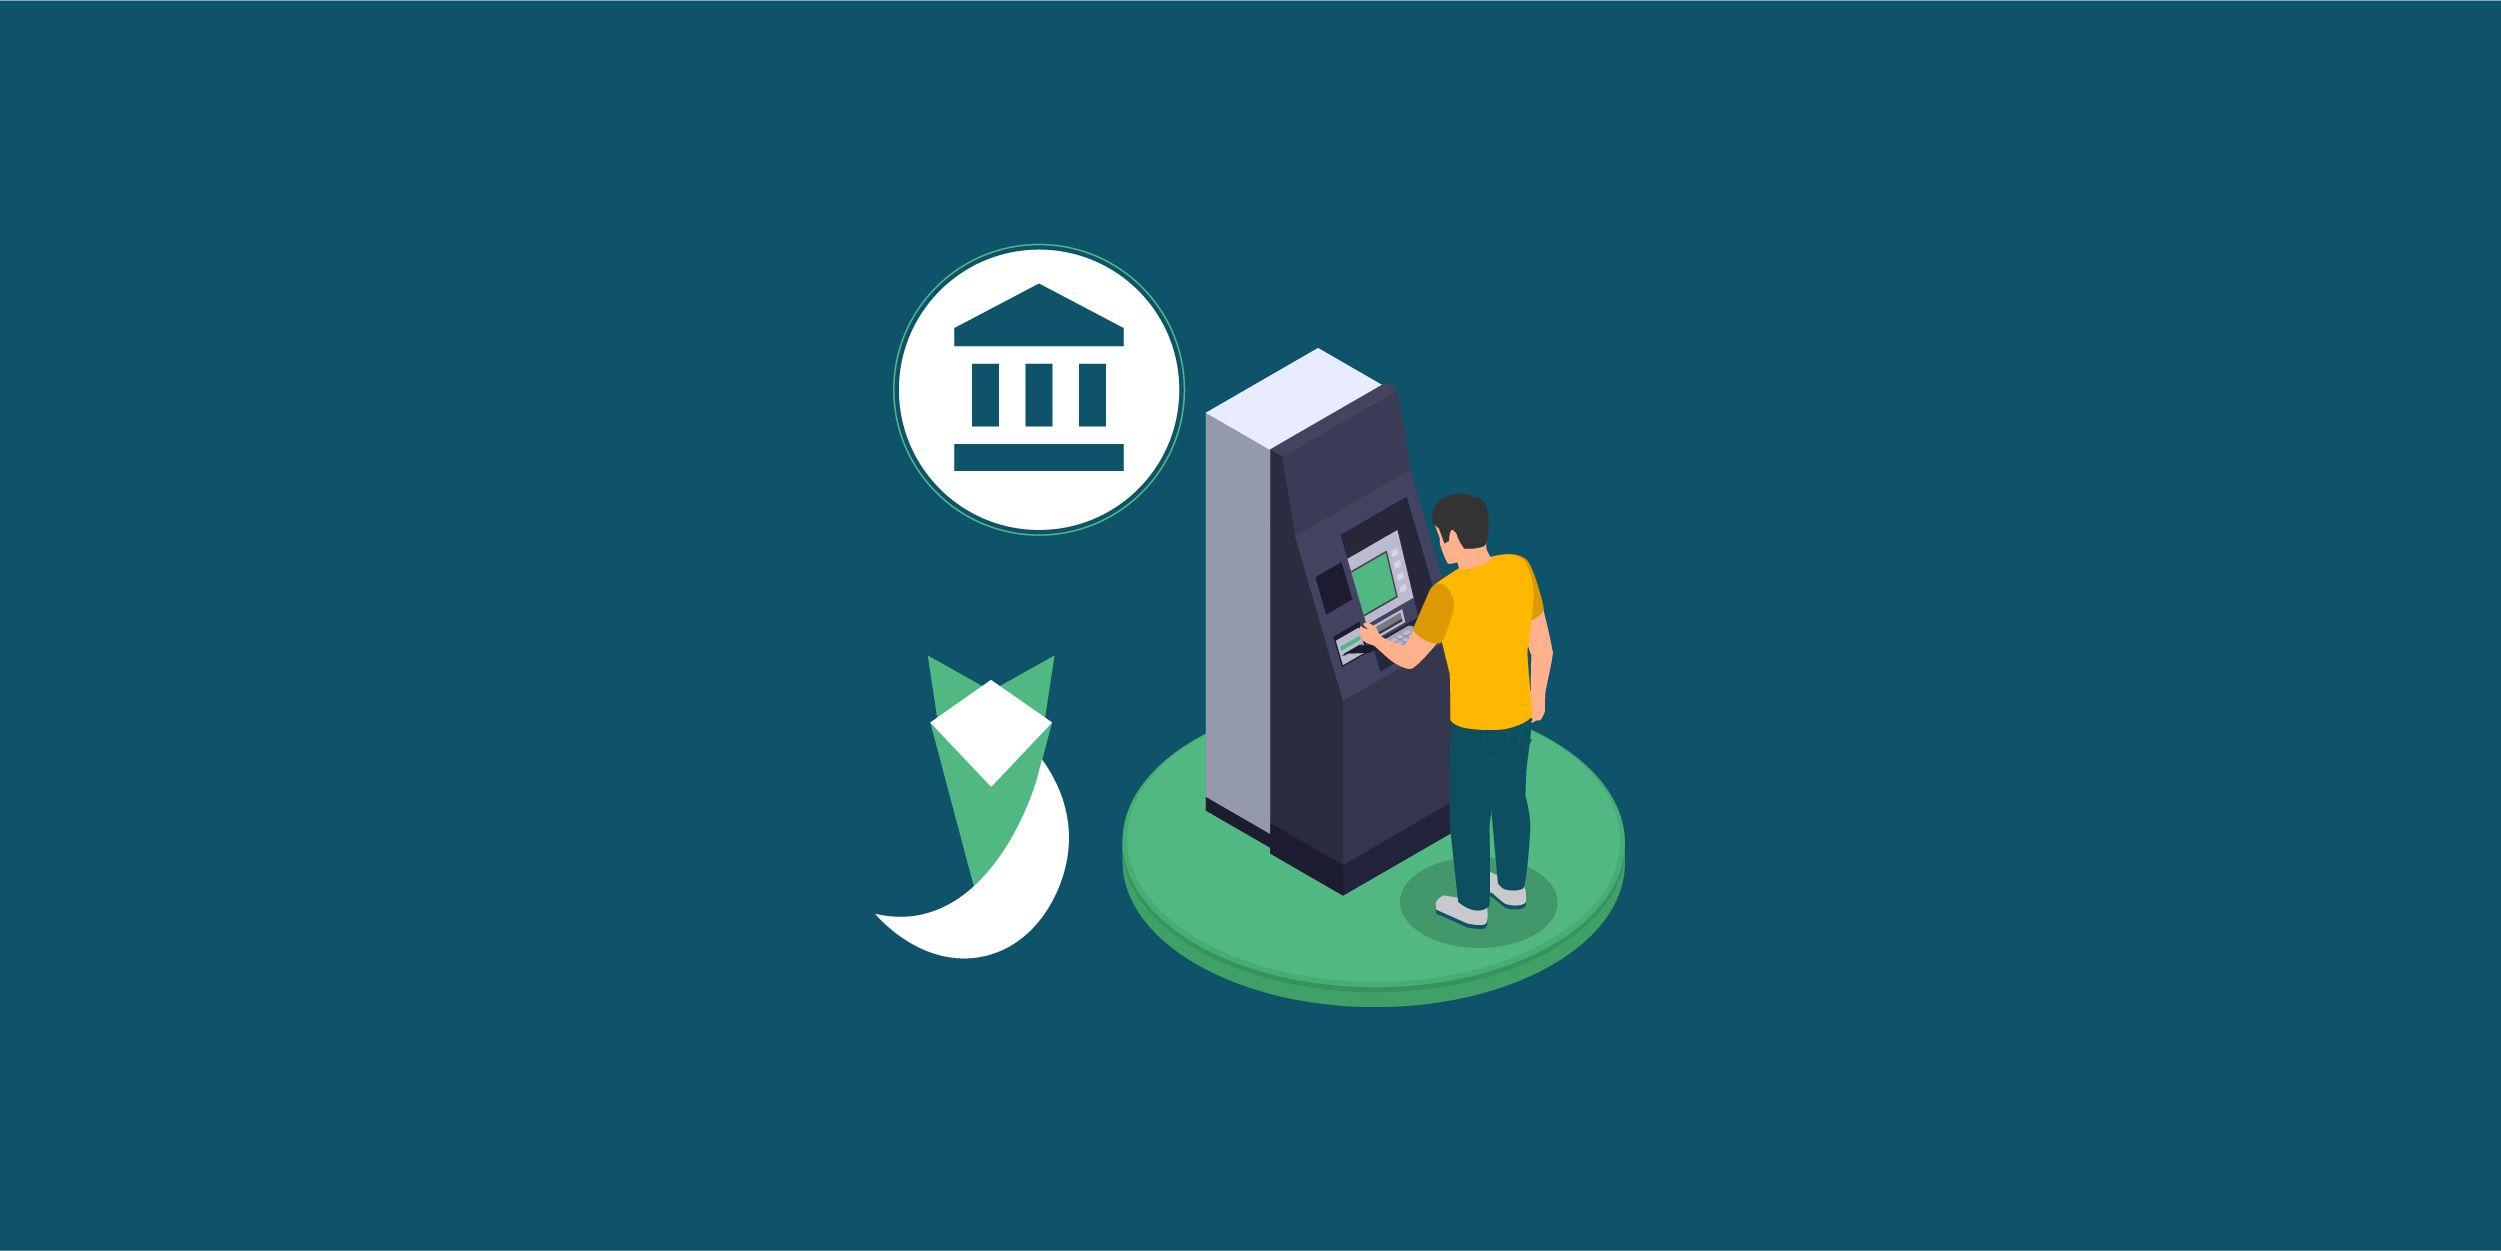 ليه استخدام الـ ATM والـ ITM ممكن يغنيك عن دخول البنك!